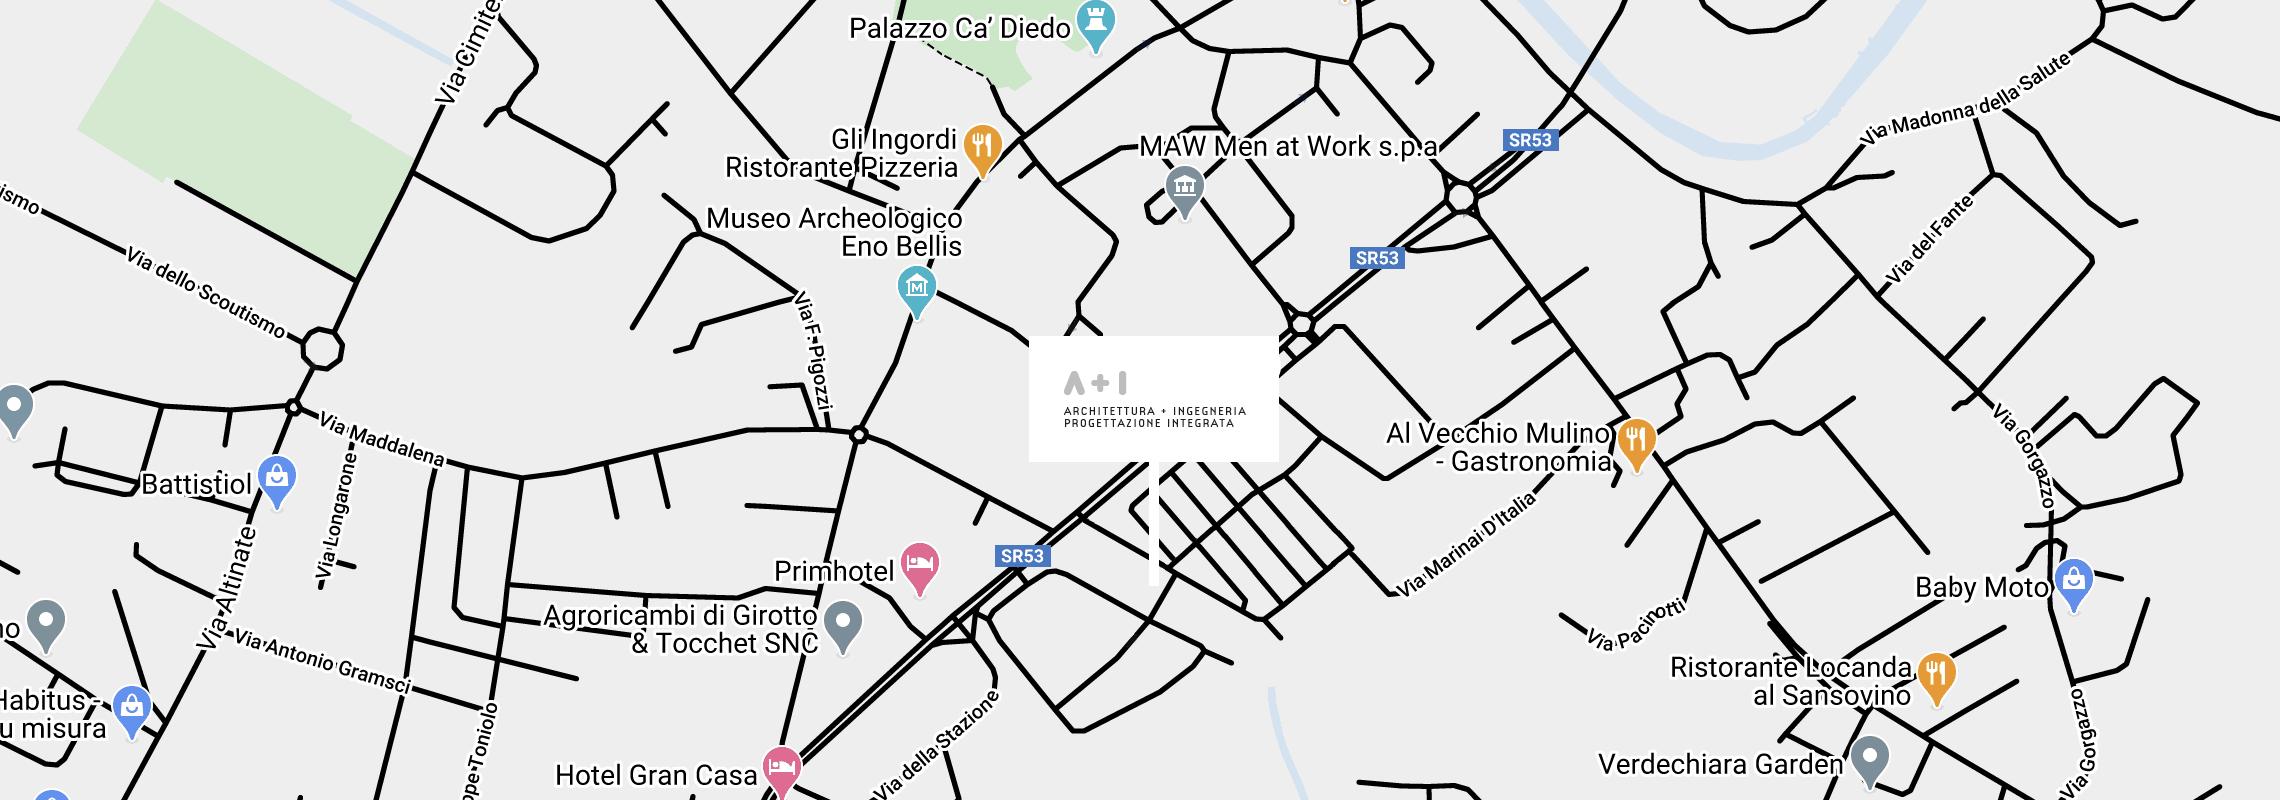 Guarda la posizione su Google Maps